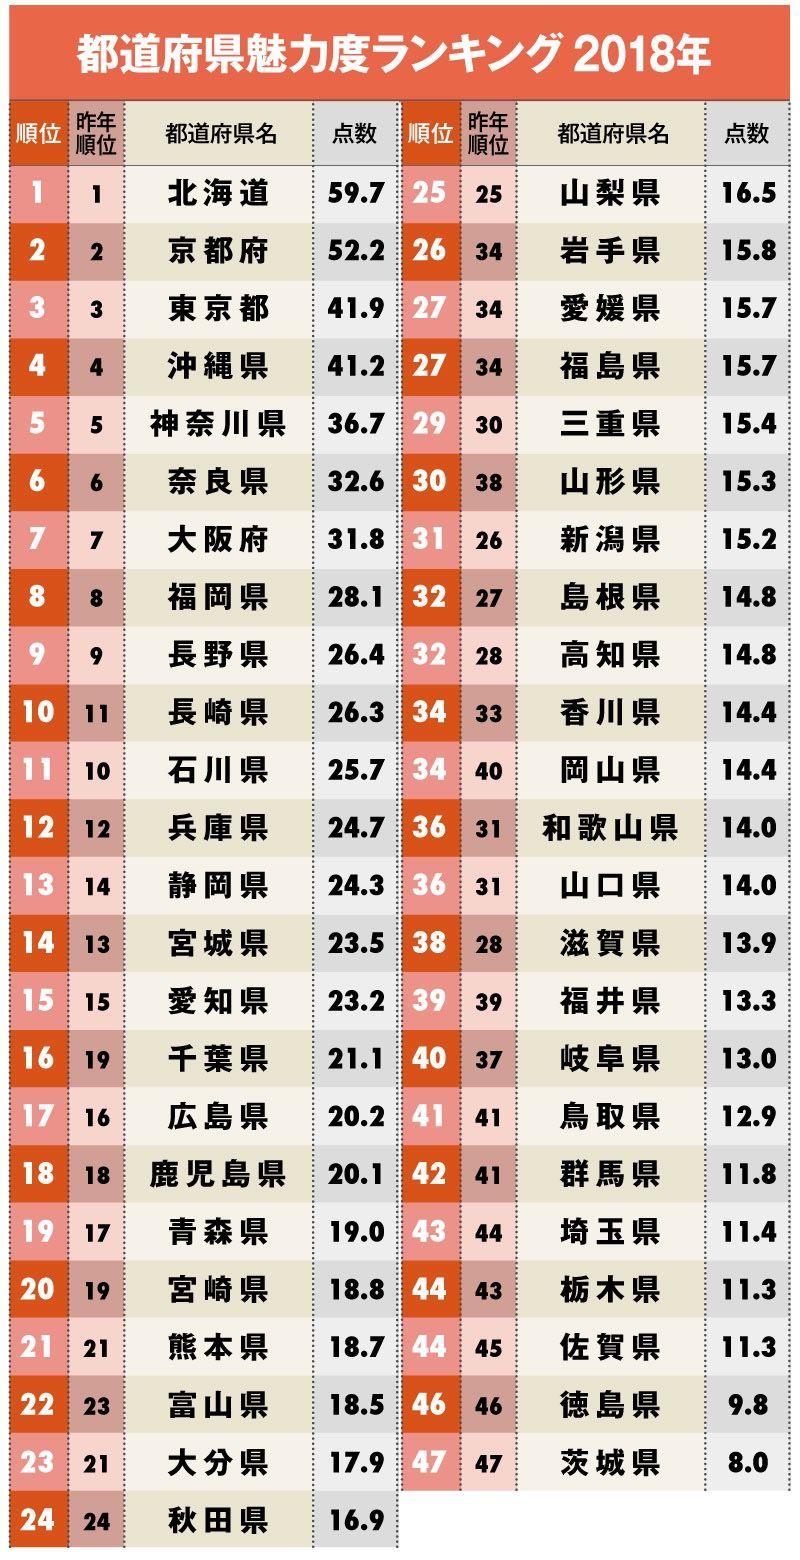 【2018年度】47都道府県魅力度ランキングが発表